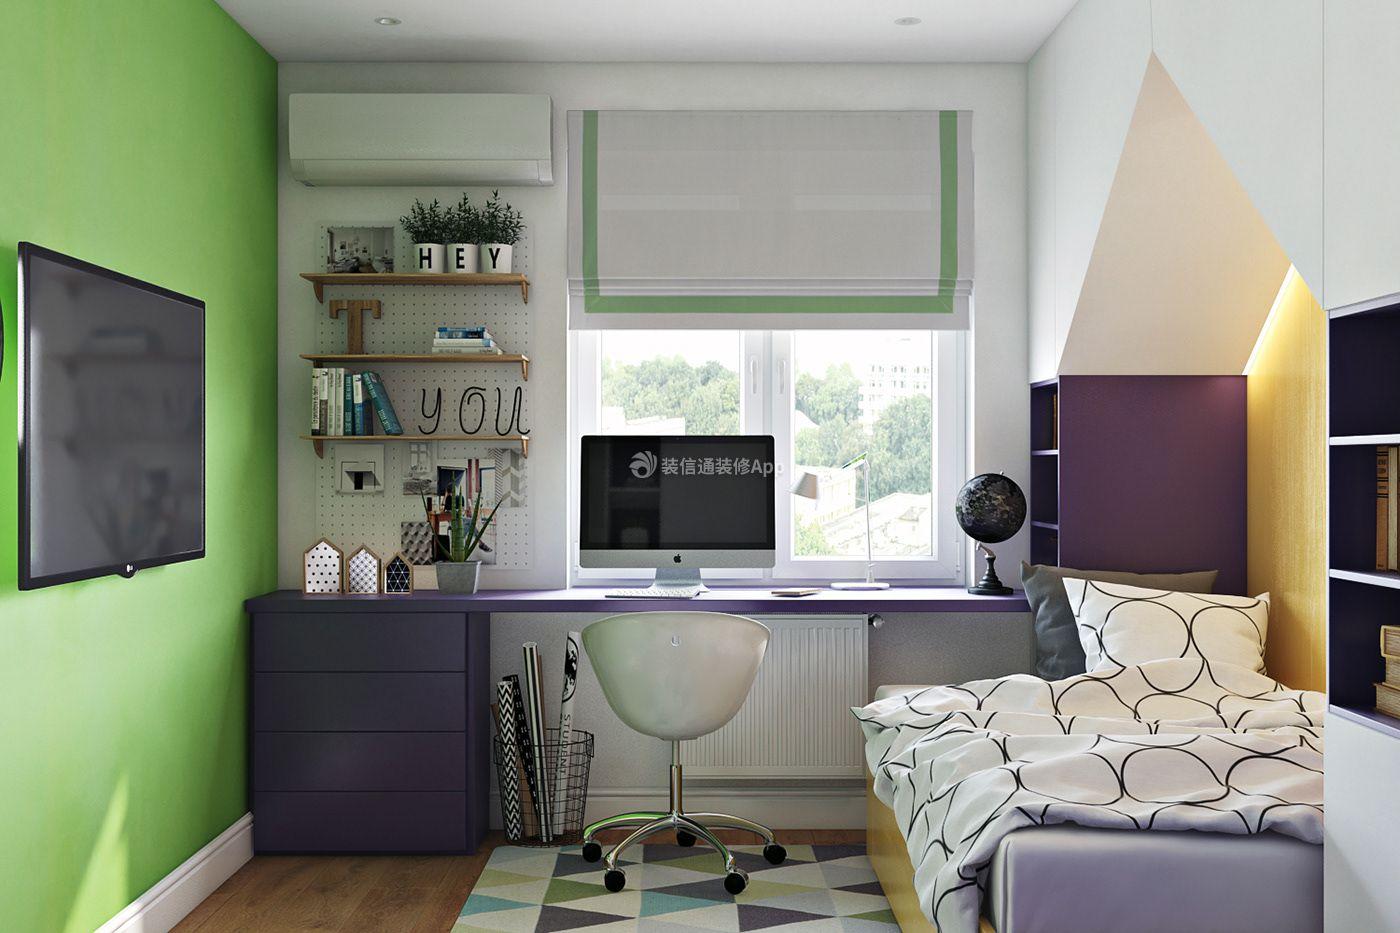 80平房屋儿童卧室飘窗书桌背景墙书架设计图图片